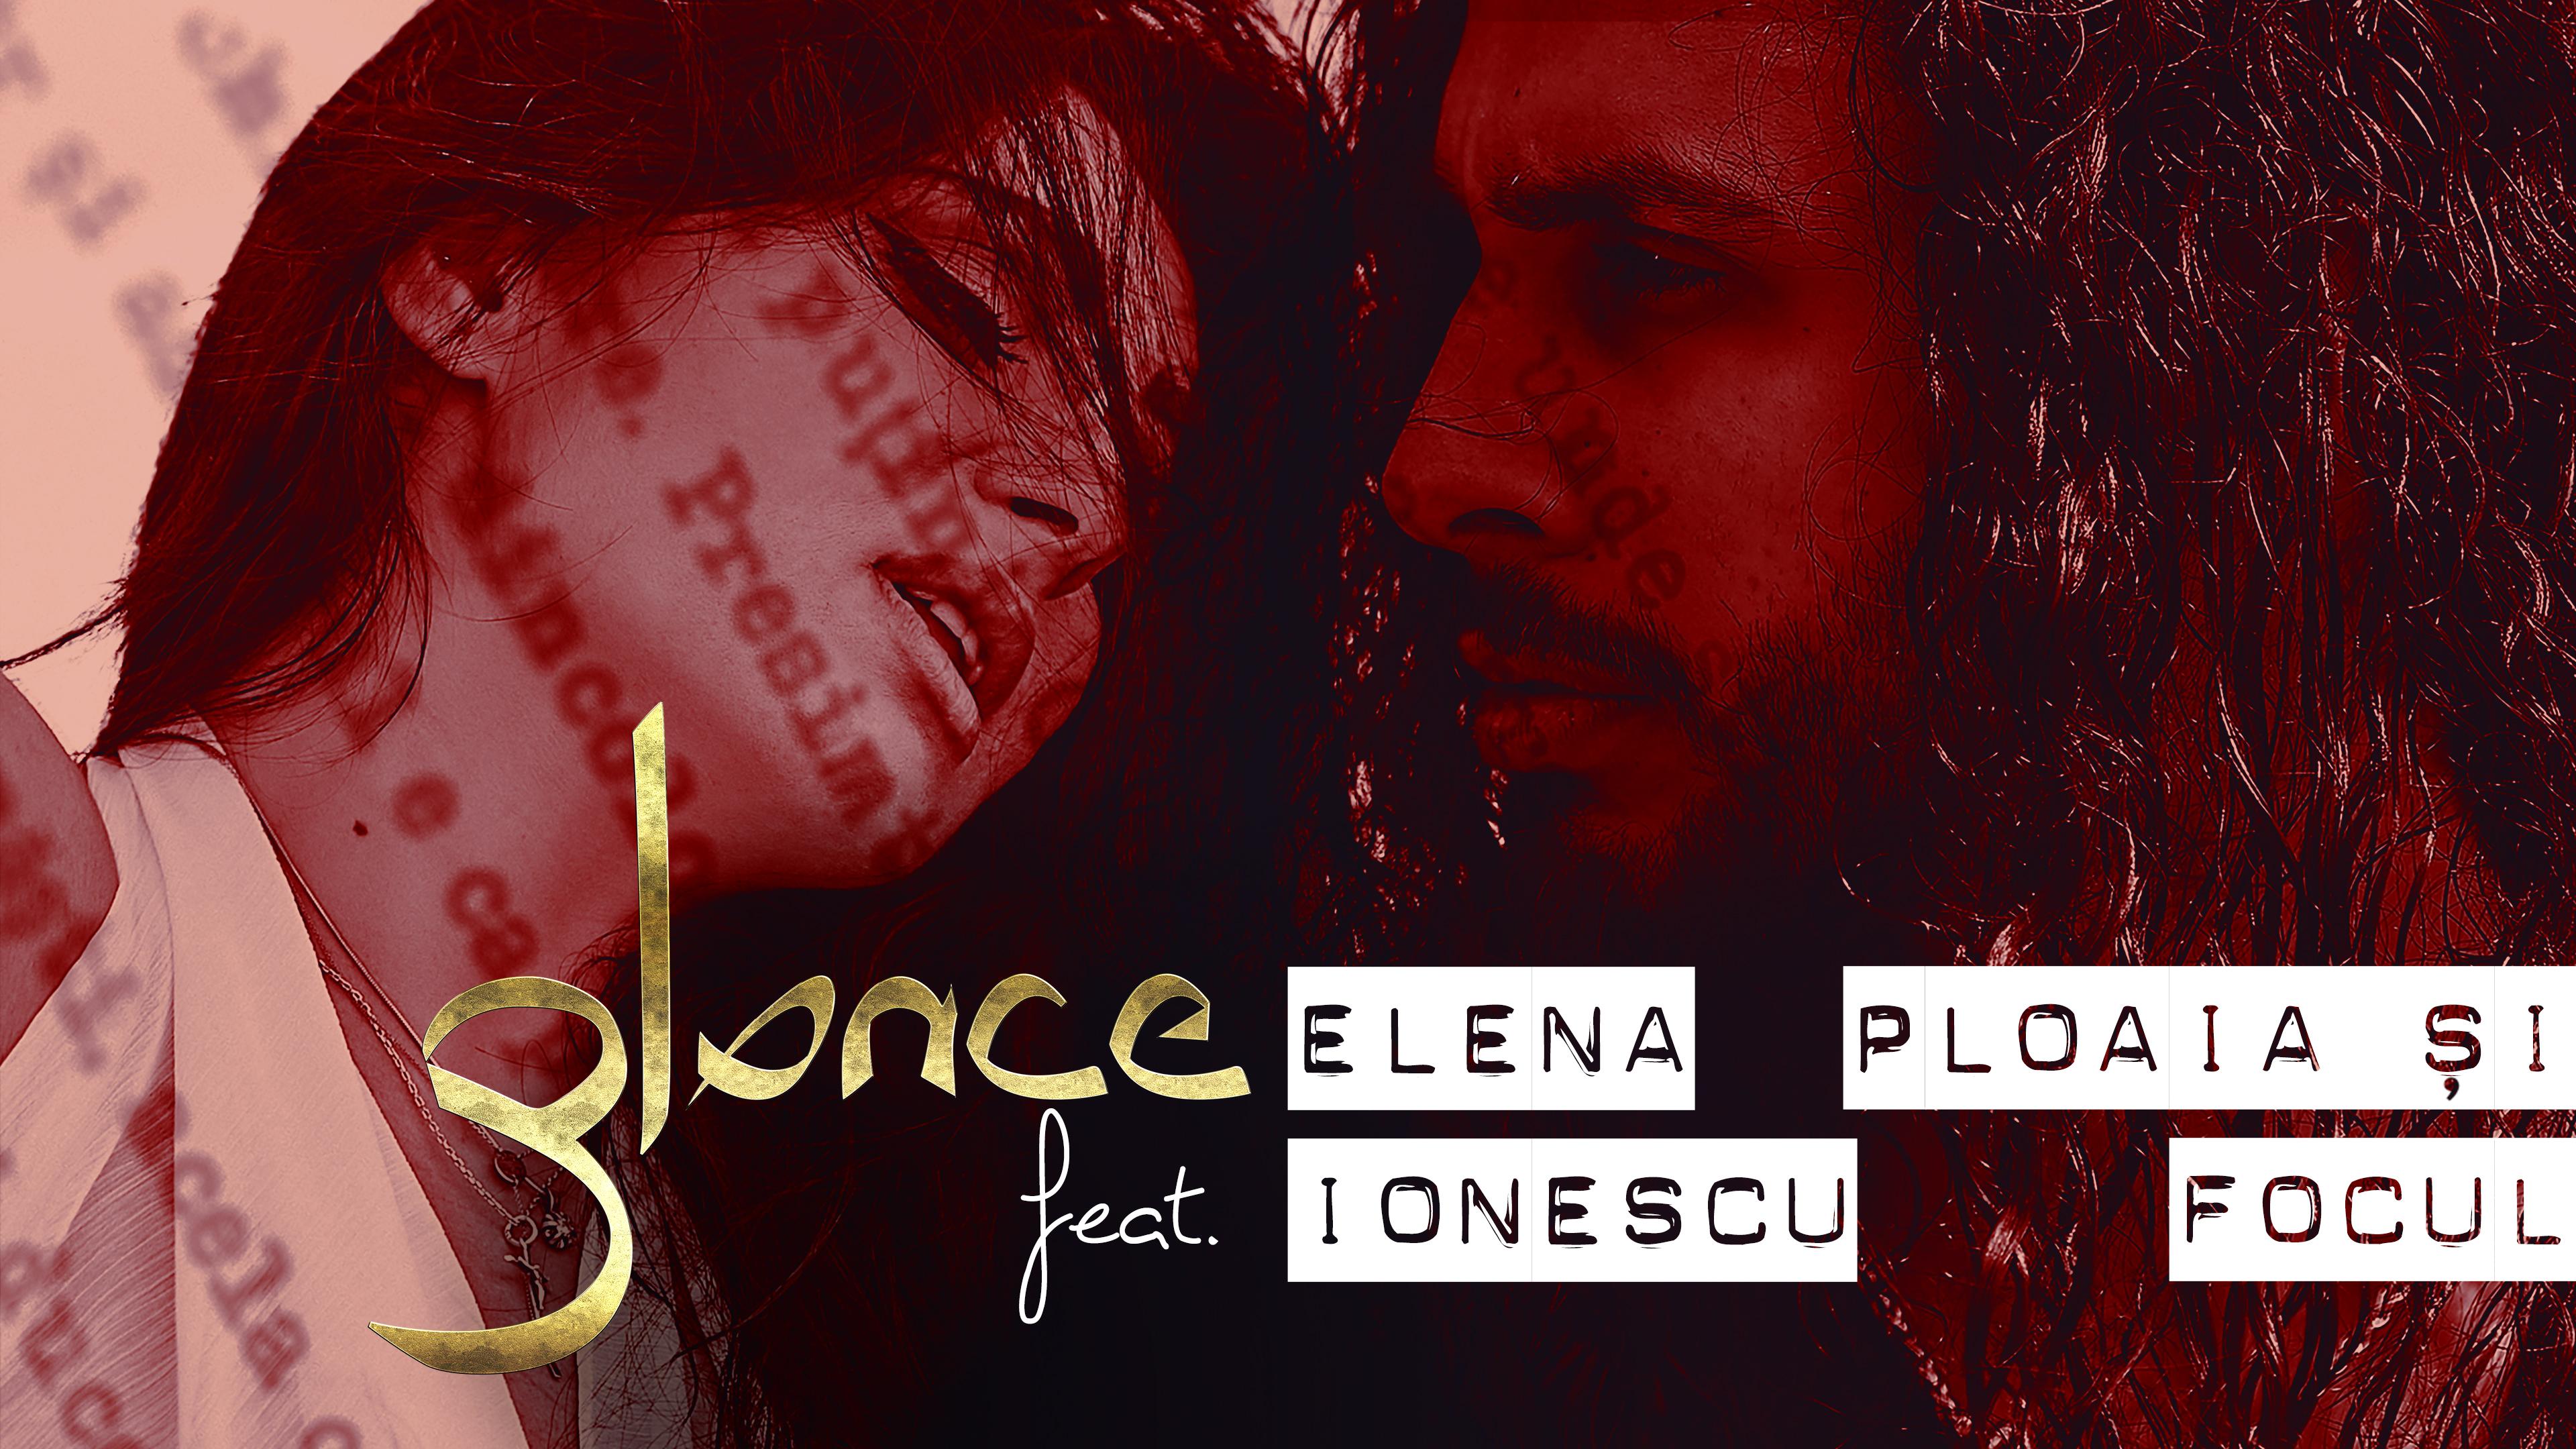 """Glance, schimbare radicala de look pentru noul single! Vezi noul videoclip al artistului – """"Ploaia si focul"""" (feat. Elena Ionescu)!"""